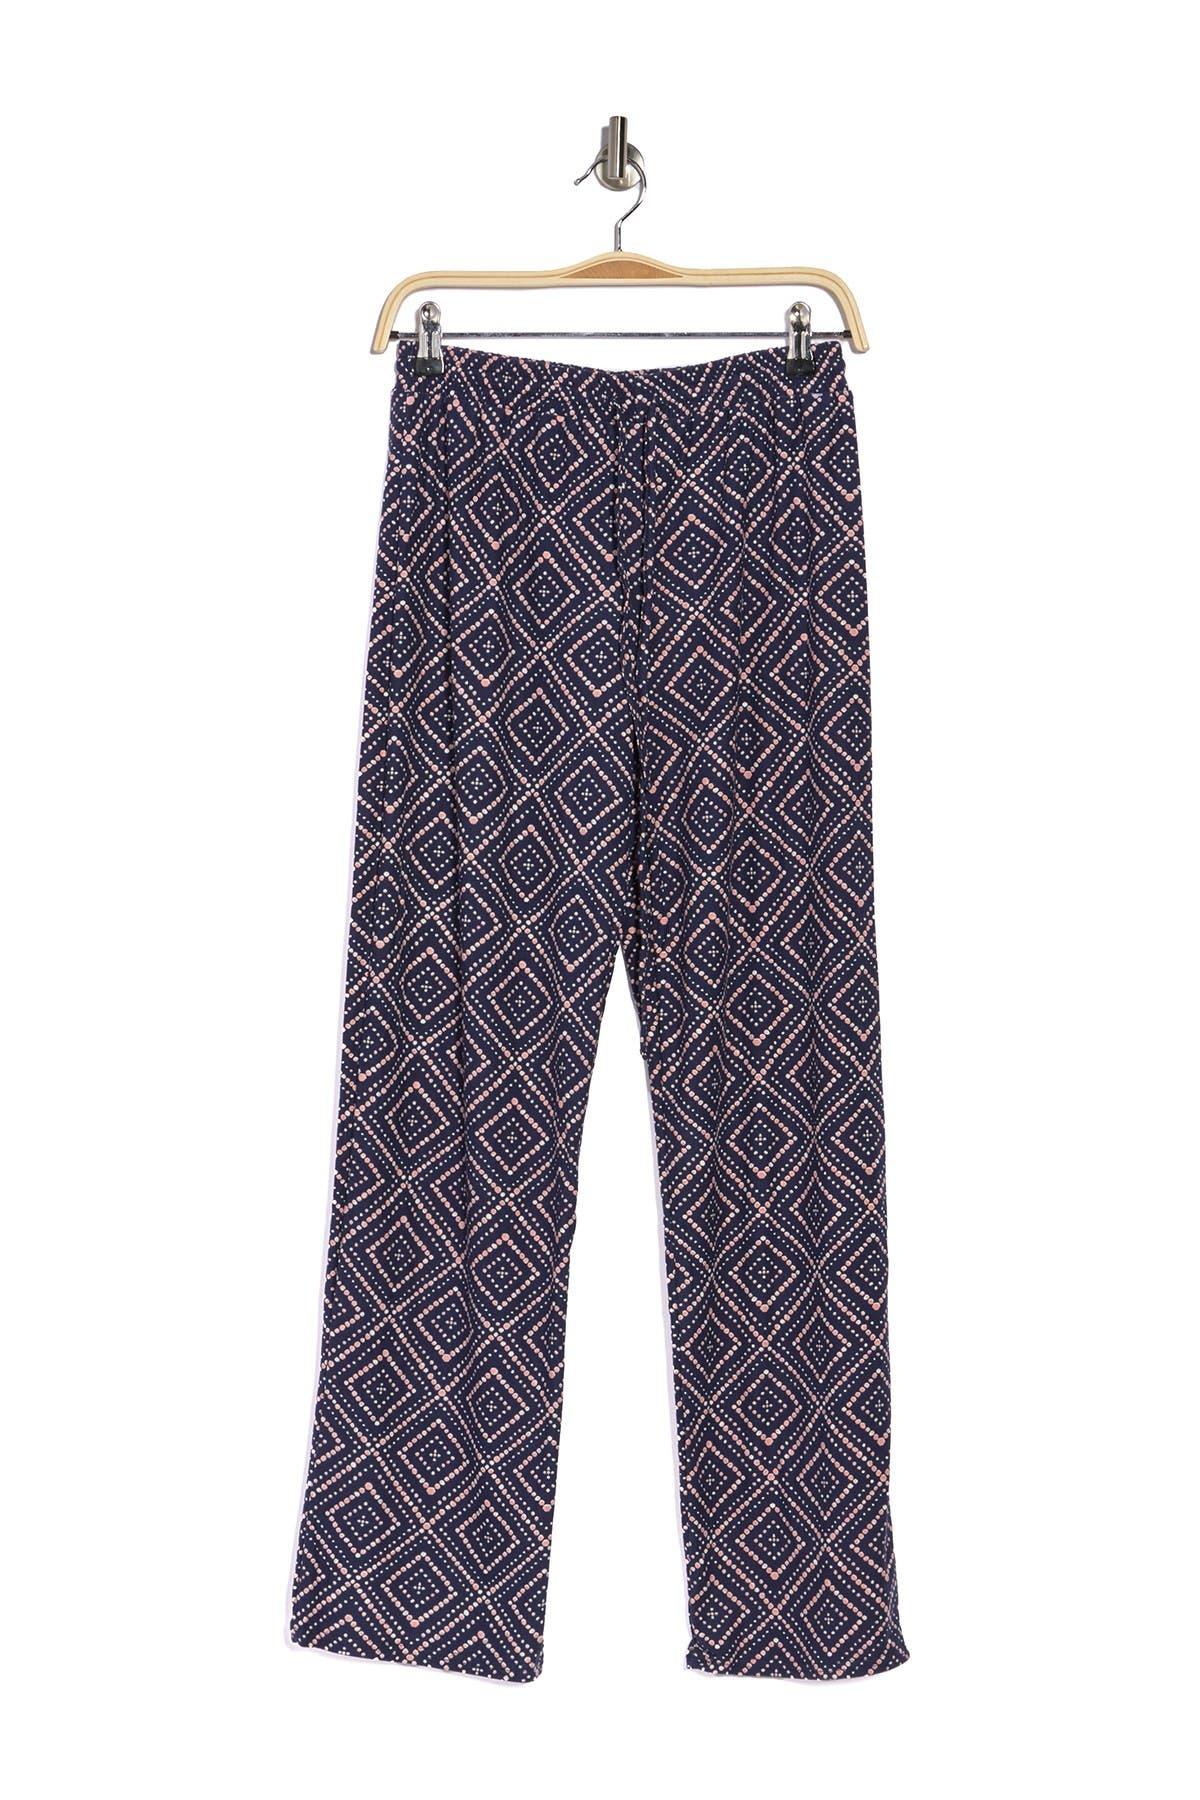 Izod Printed Sleep Pants